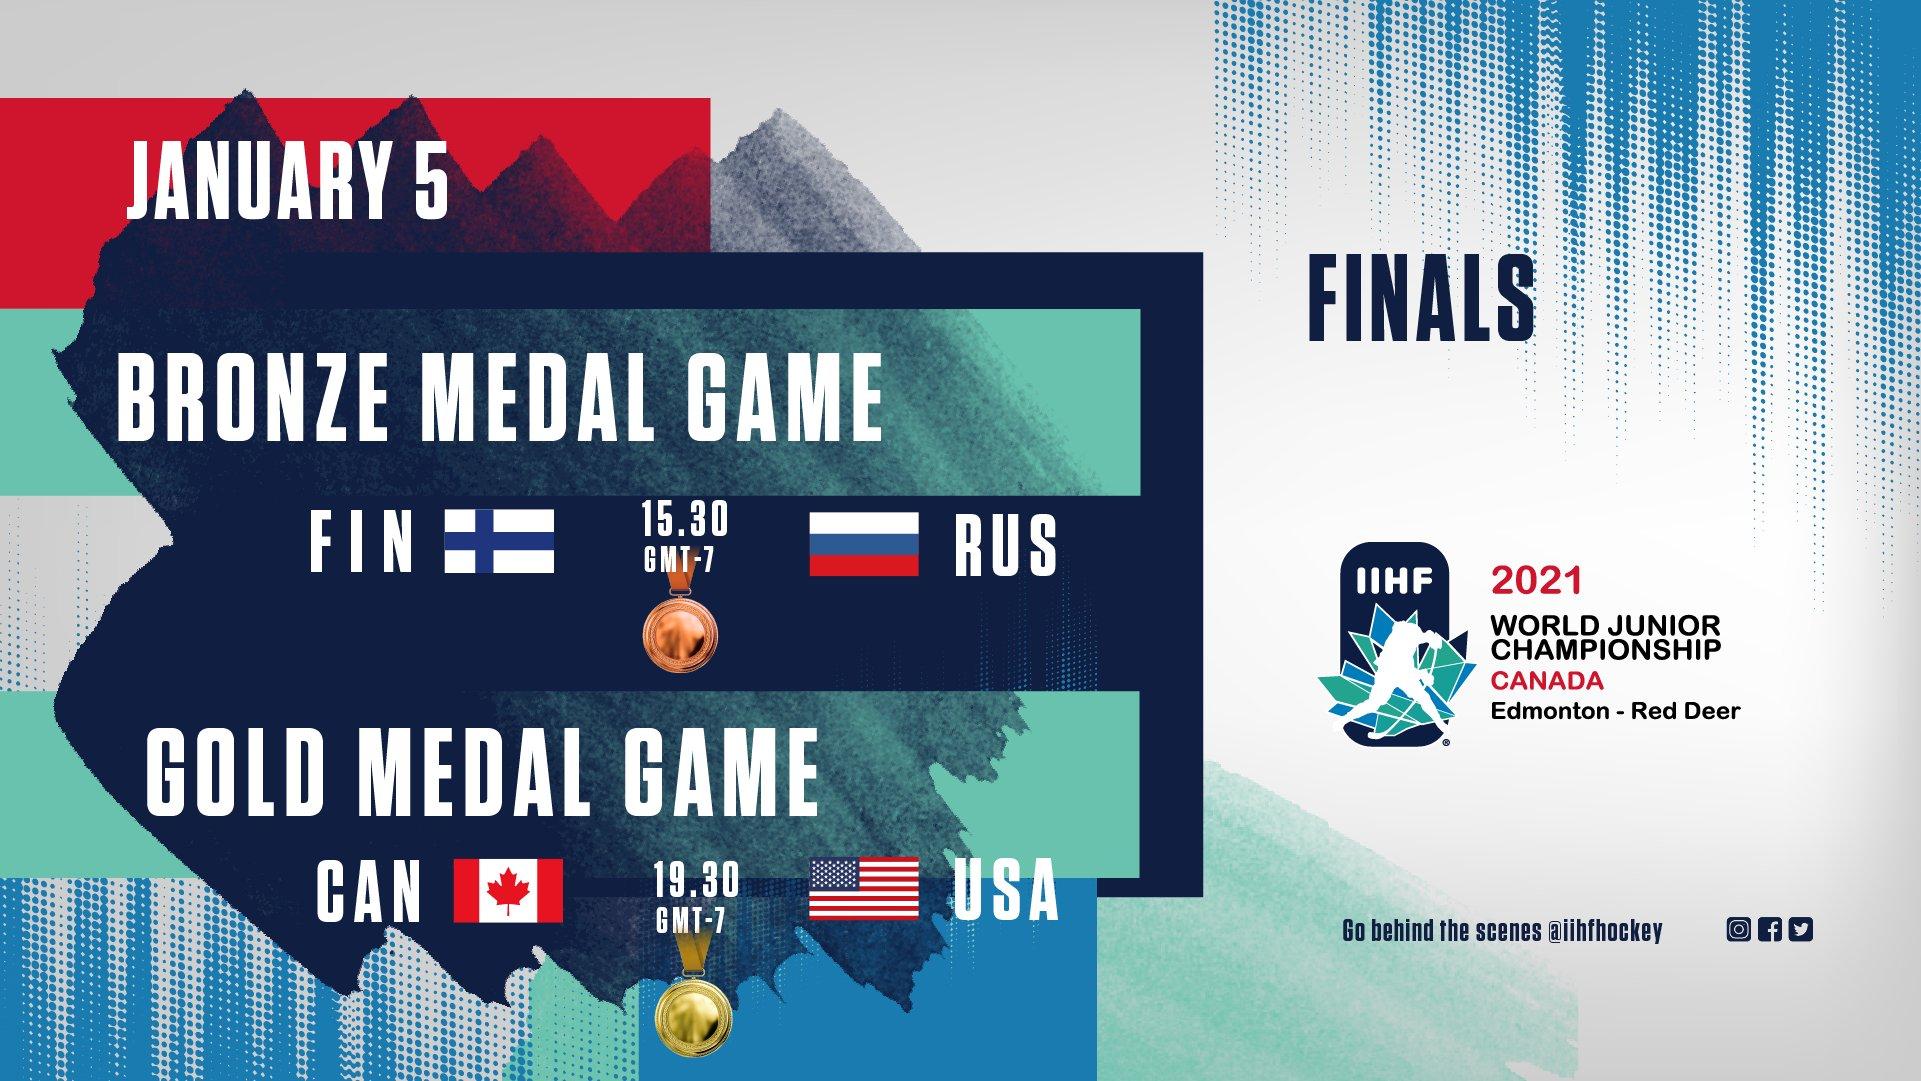 молодежная сборная США, молодежная сборная Финляндии, молодежная сборная России, молодежная сборная Канады, молодежный чемпионат мира